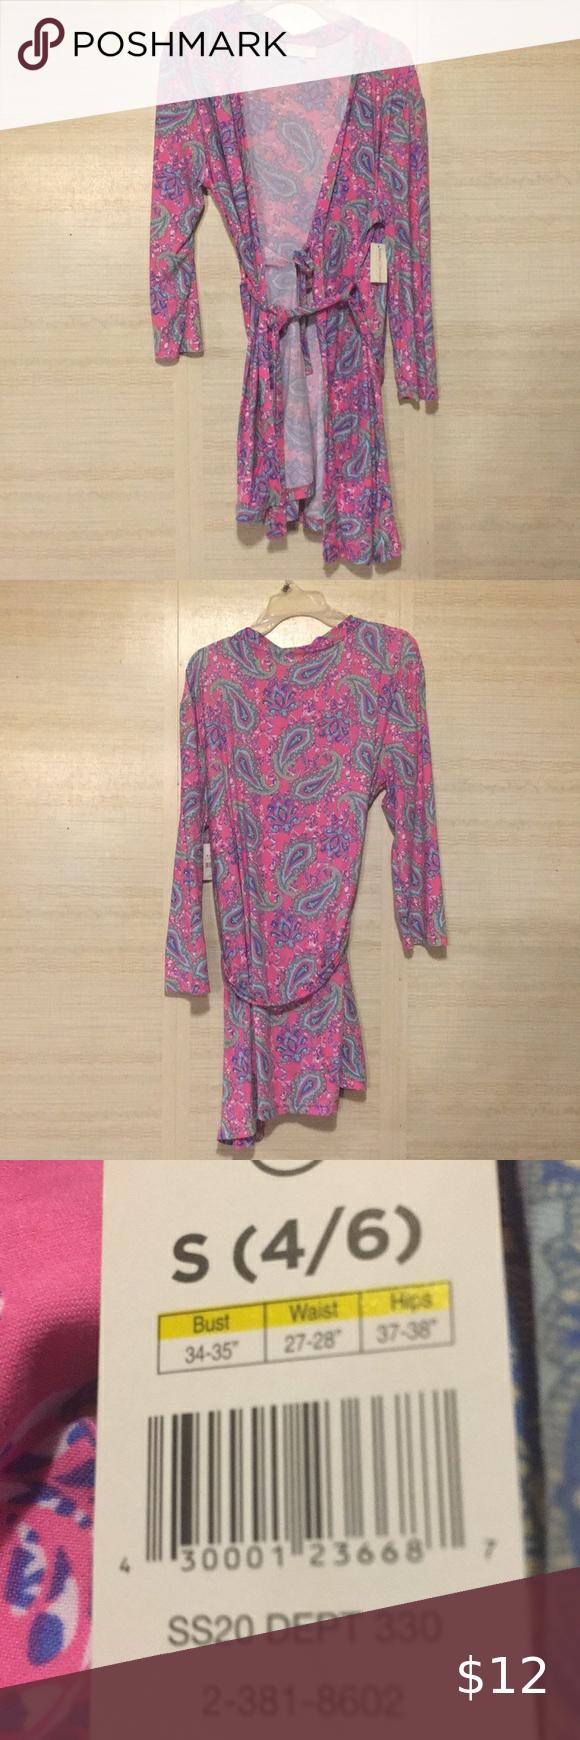 Bobbie Brooks Super Soft Paisley Wrap Dress NWT